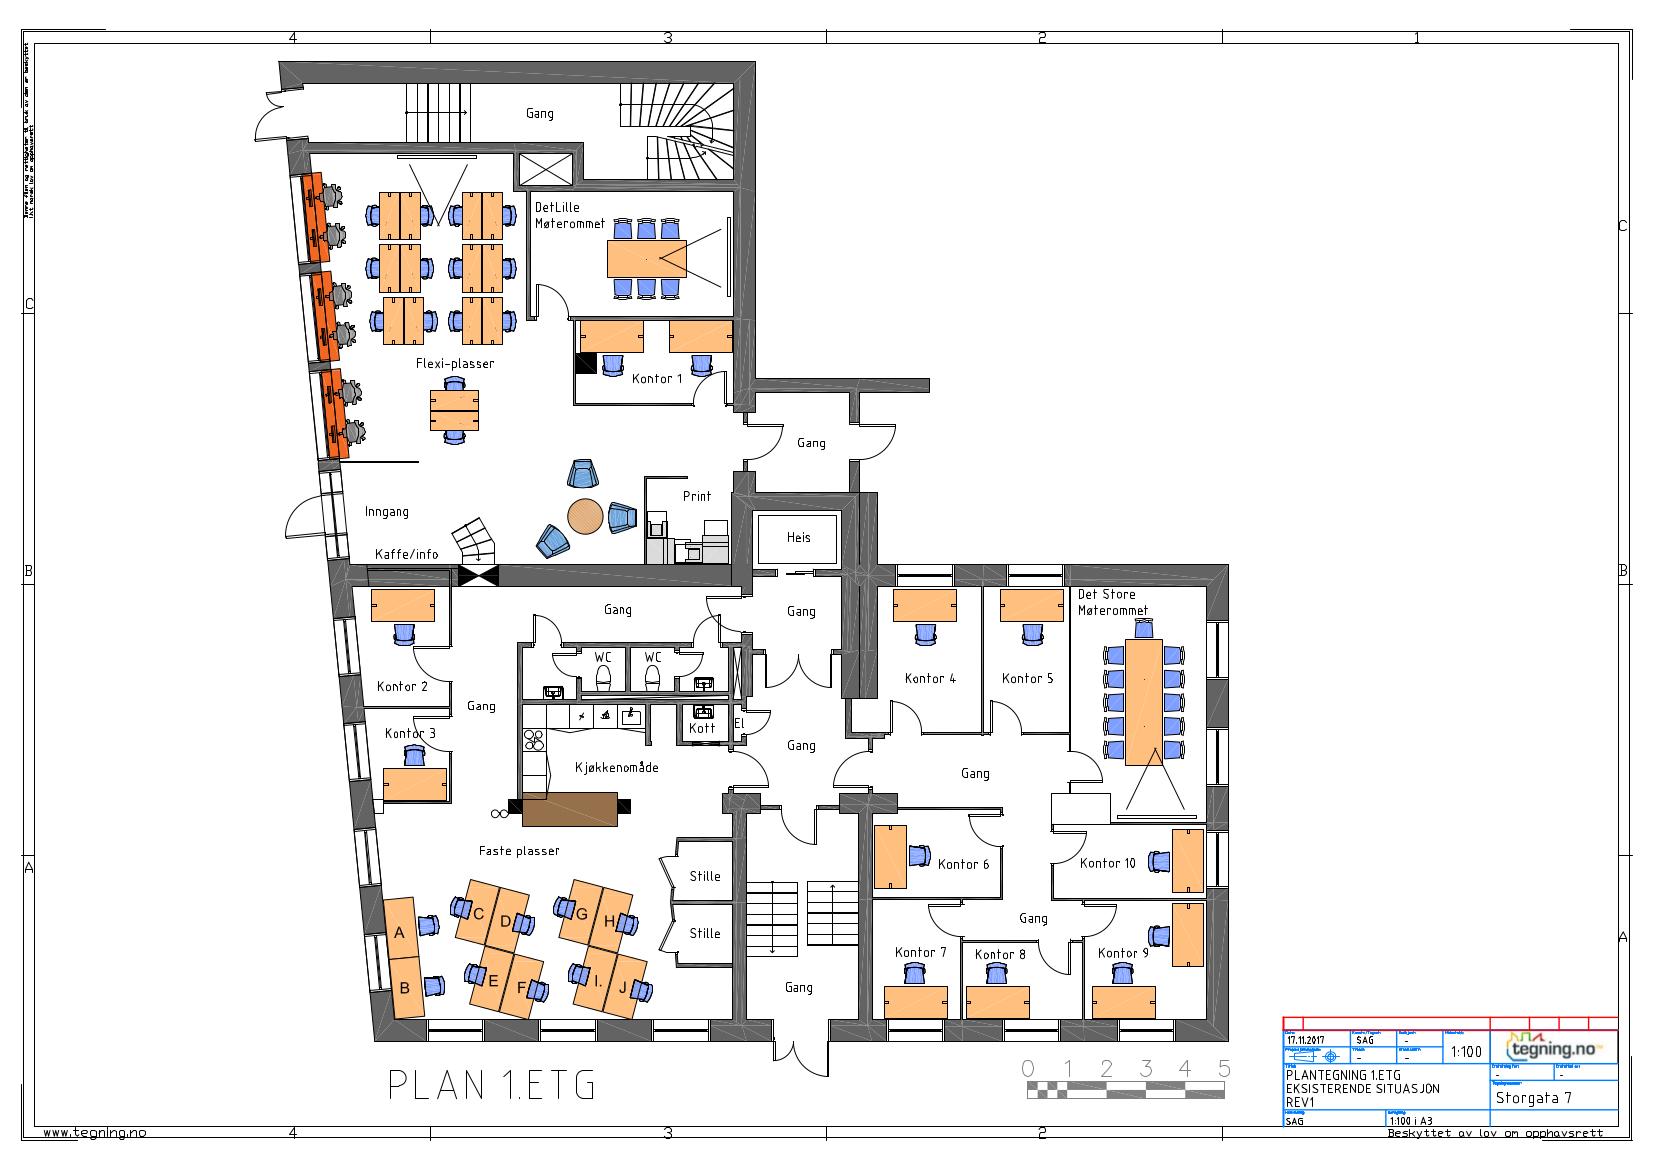 Storgata 7 - Business Lillestrøm - plantegning